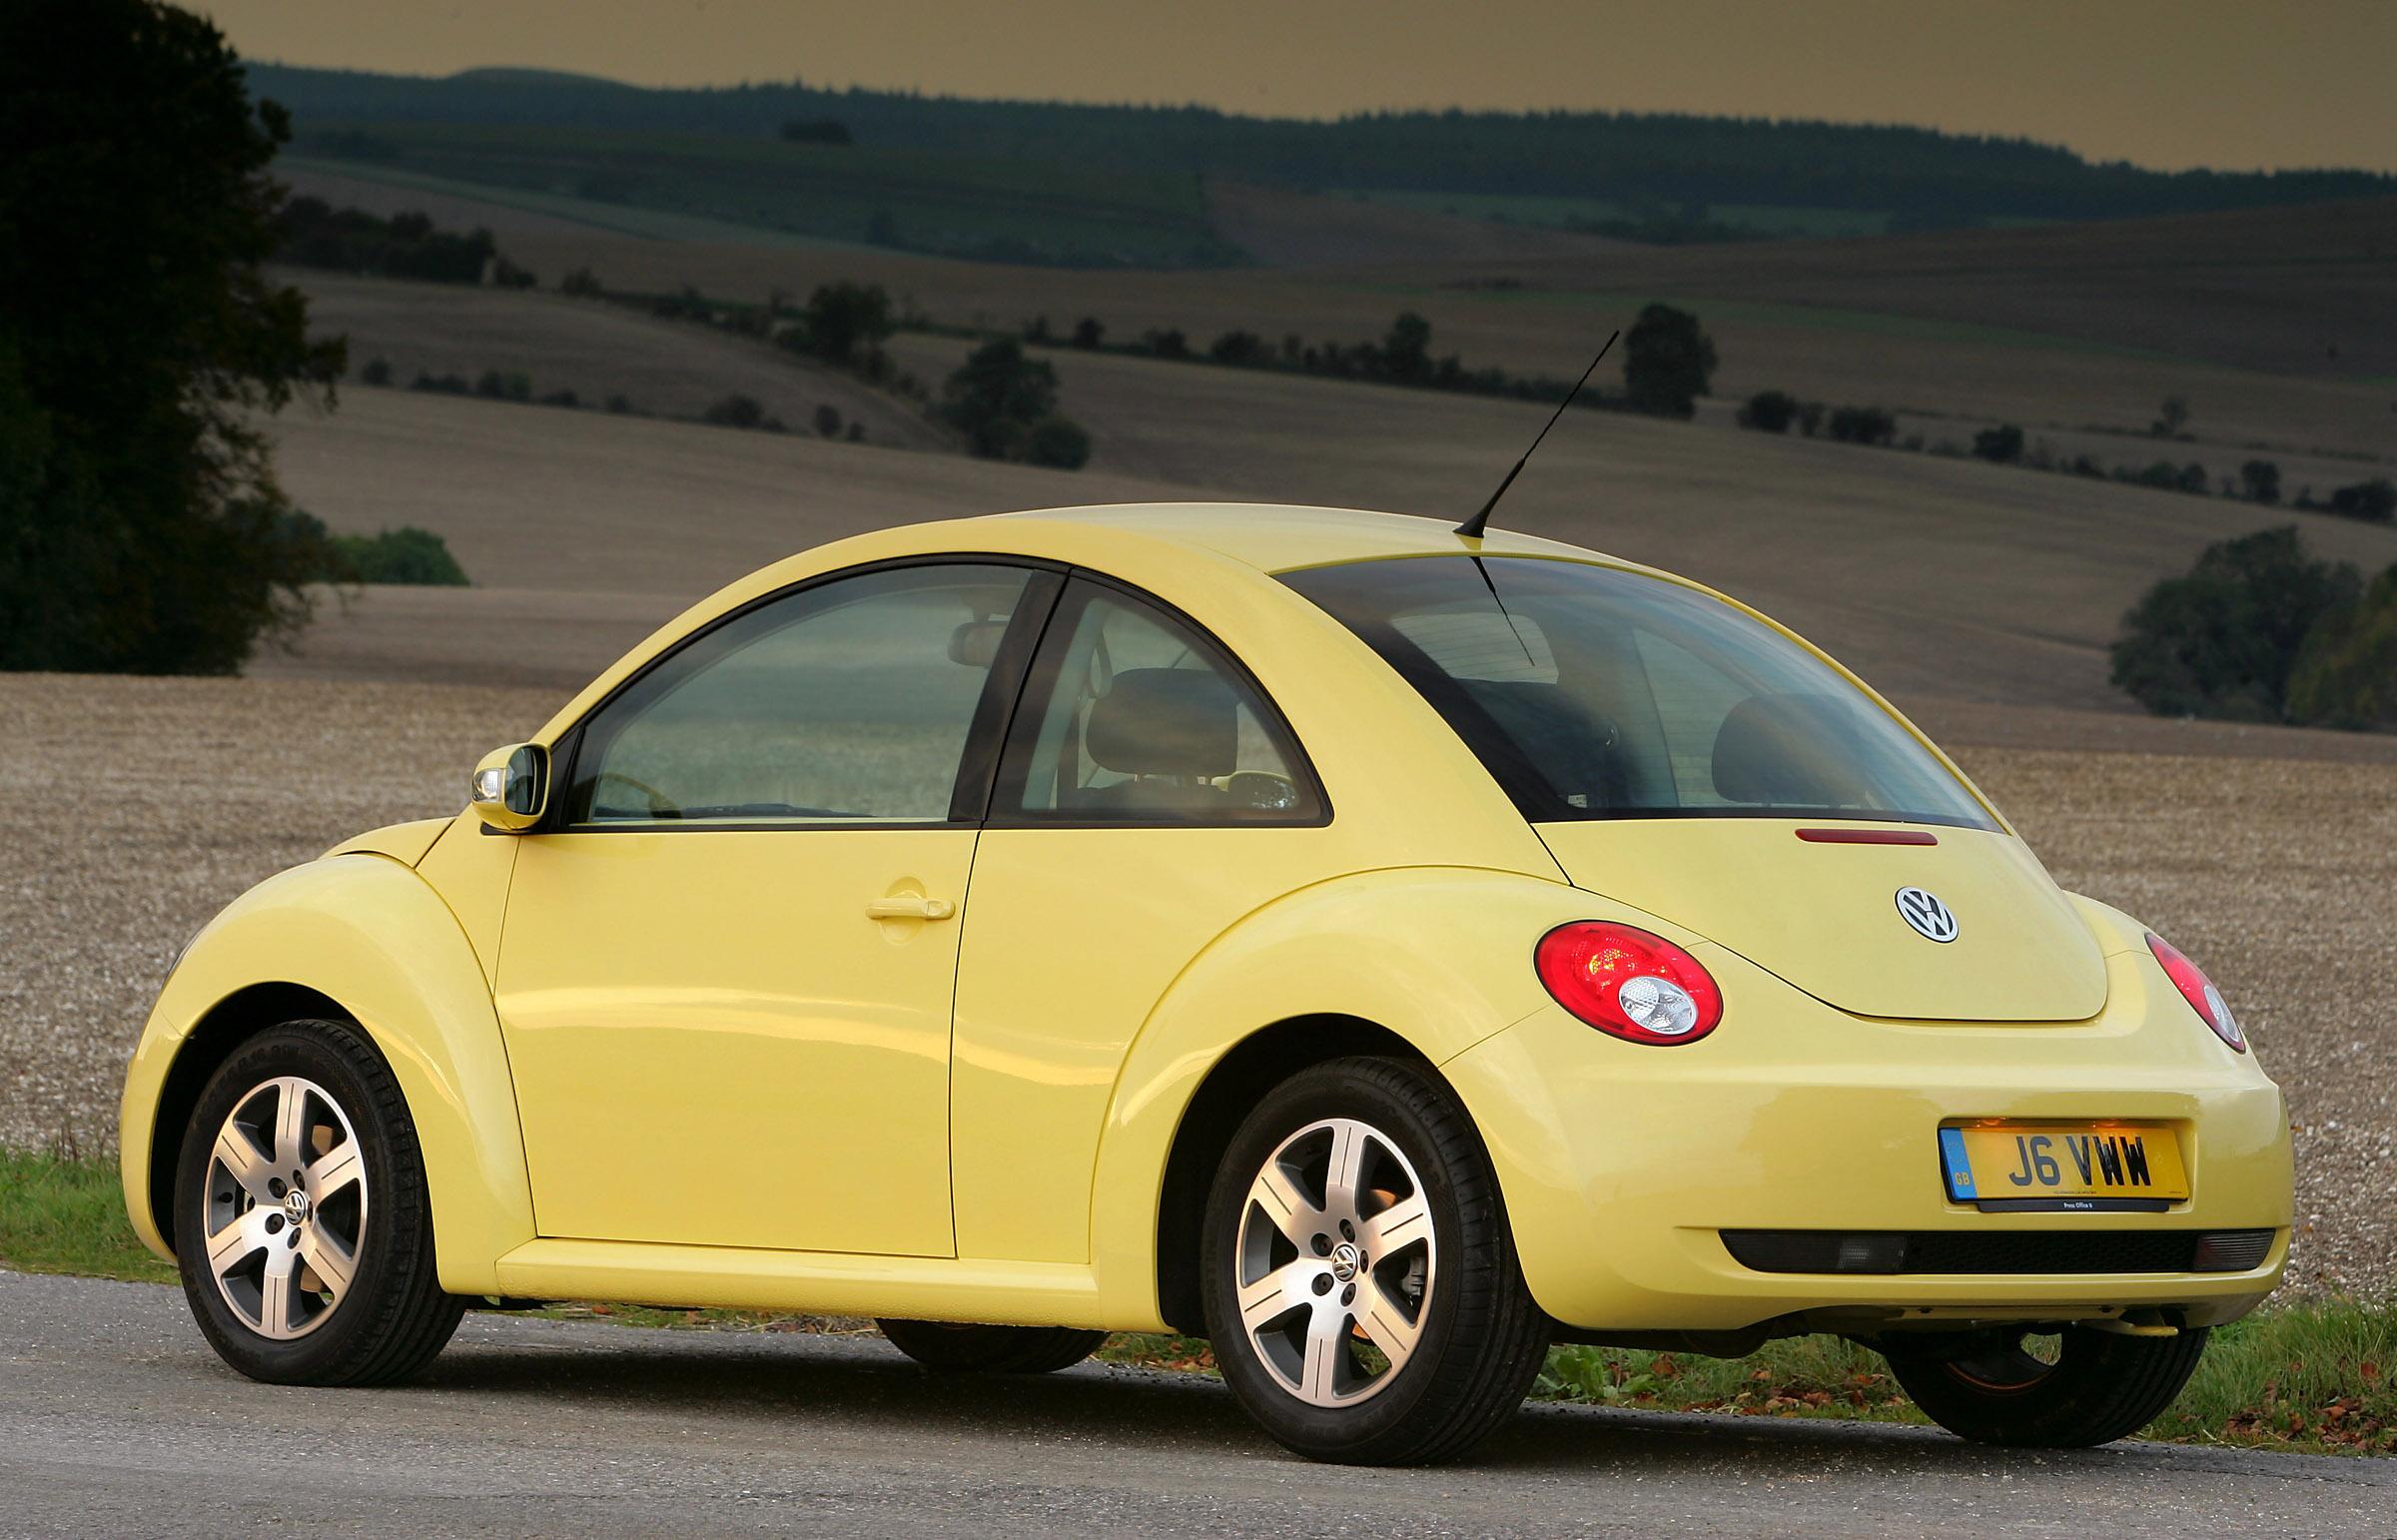 2005 Volkswagen Beetle - Picture 71760